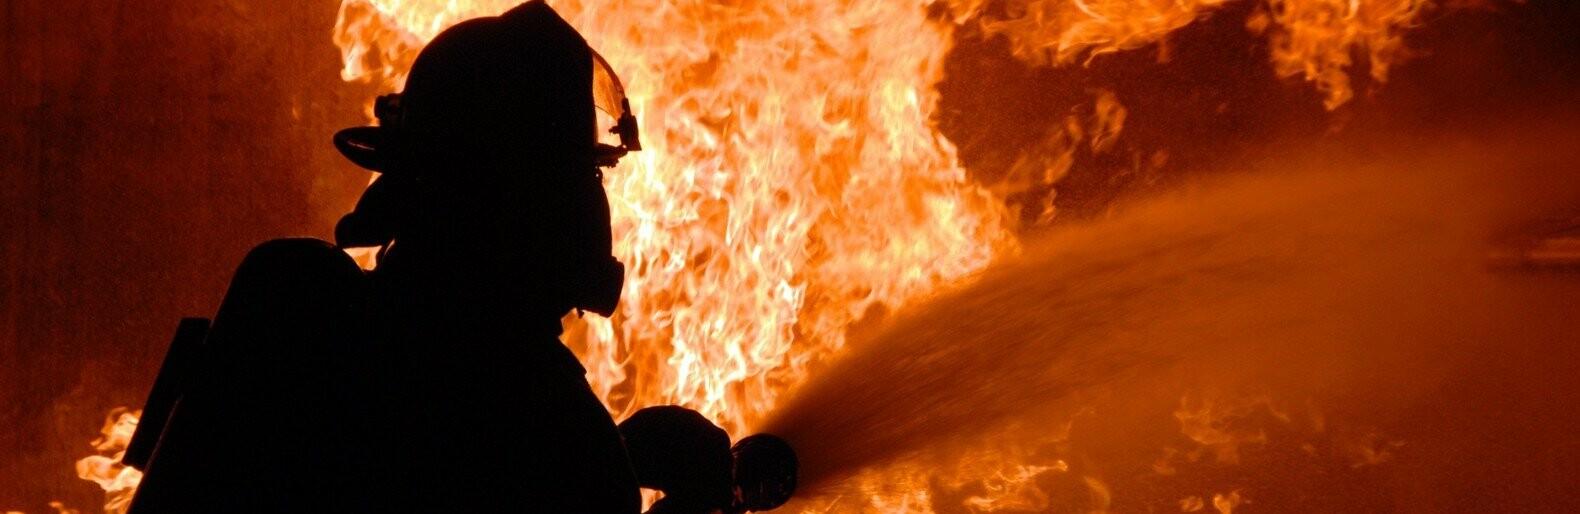 В Одессе во время пожара сгорело 70 кур, - ФОТО0